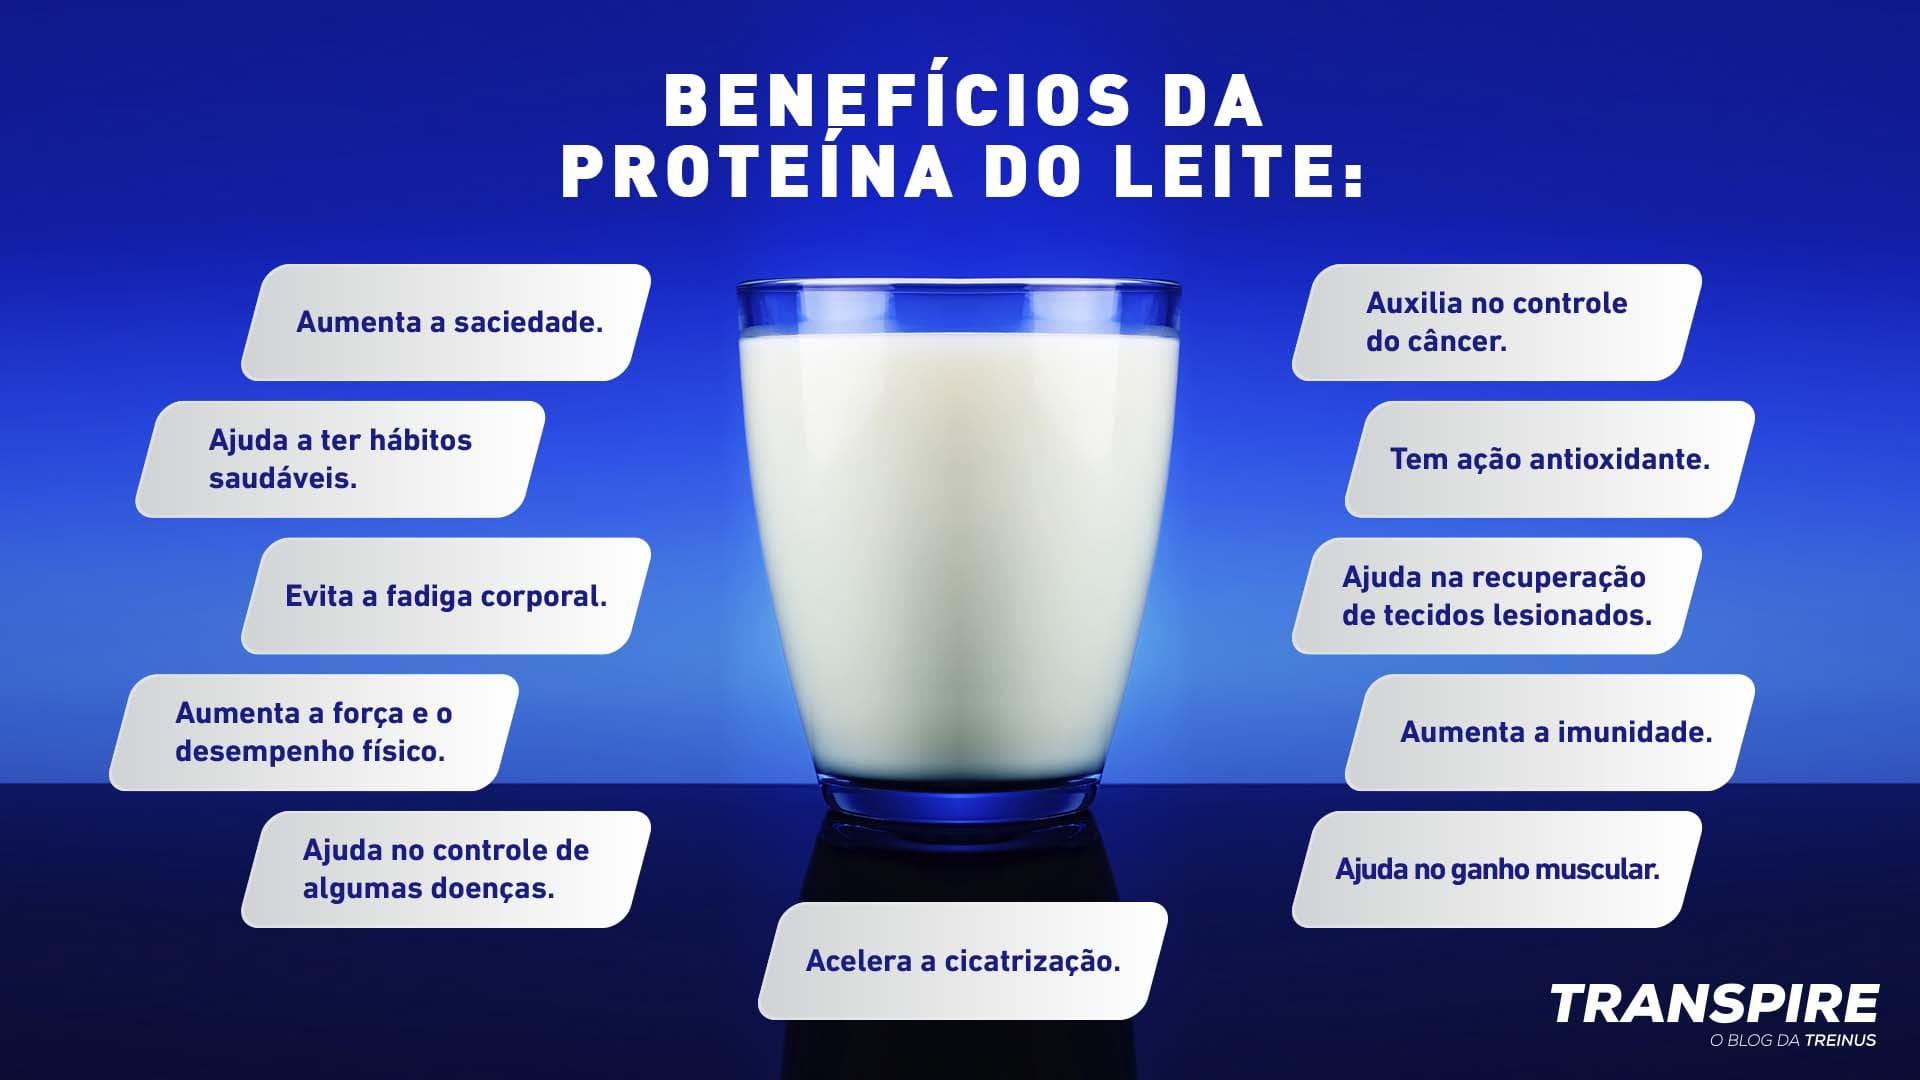 lista de benefícios da proteína do leite